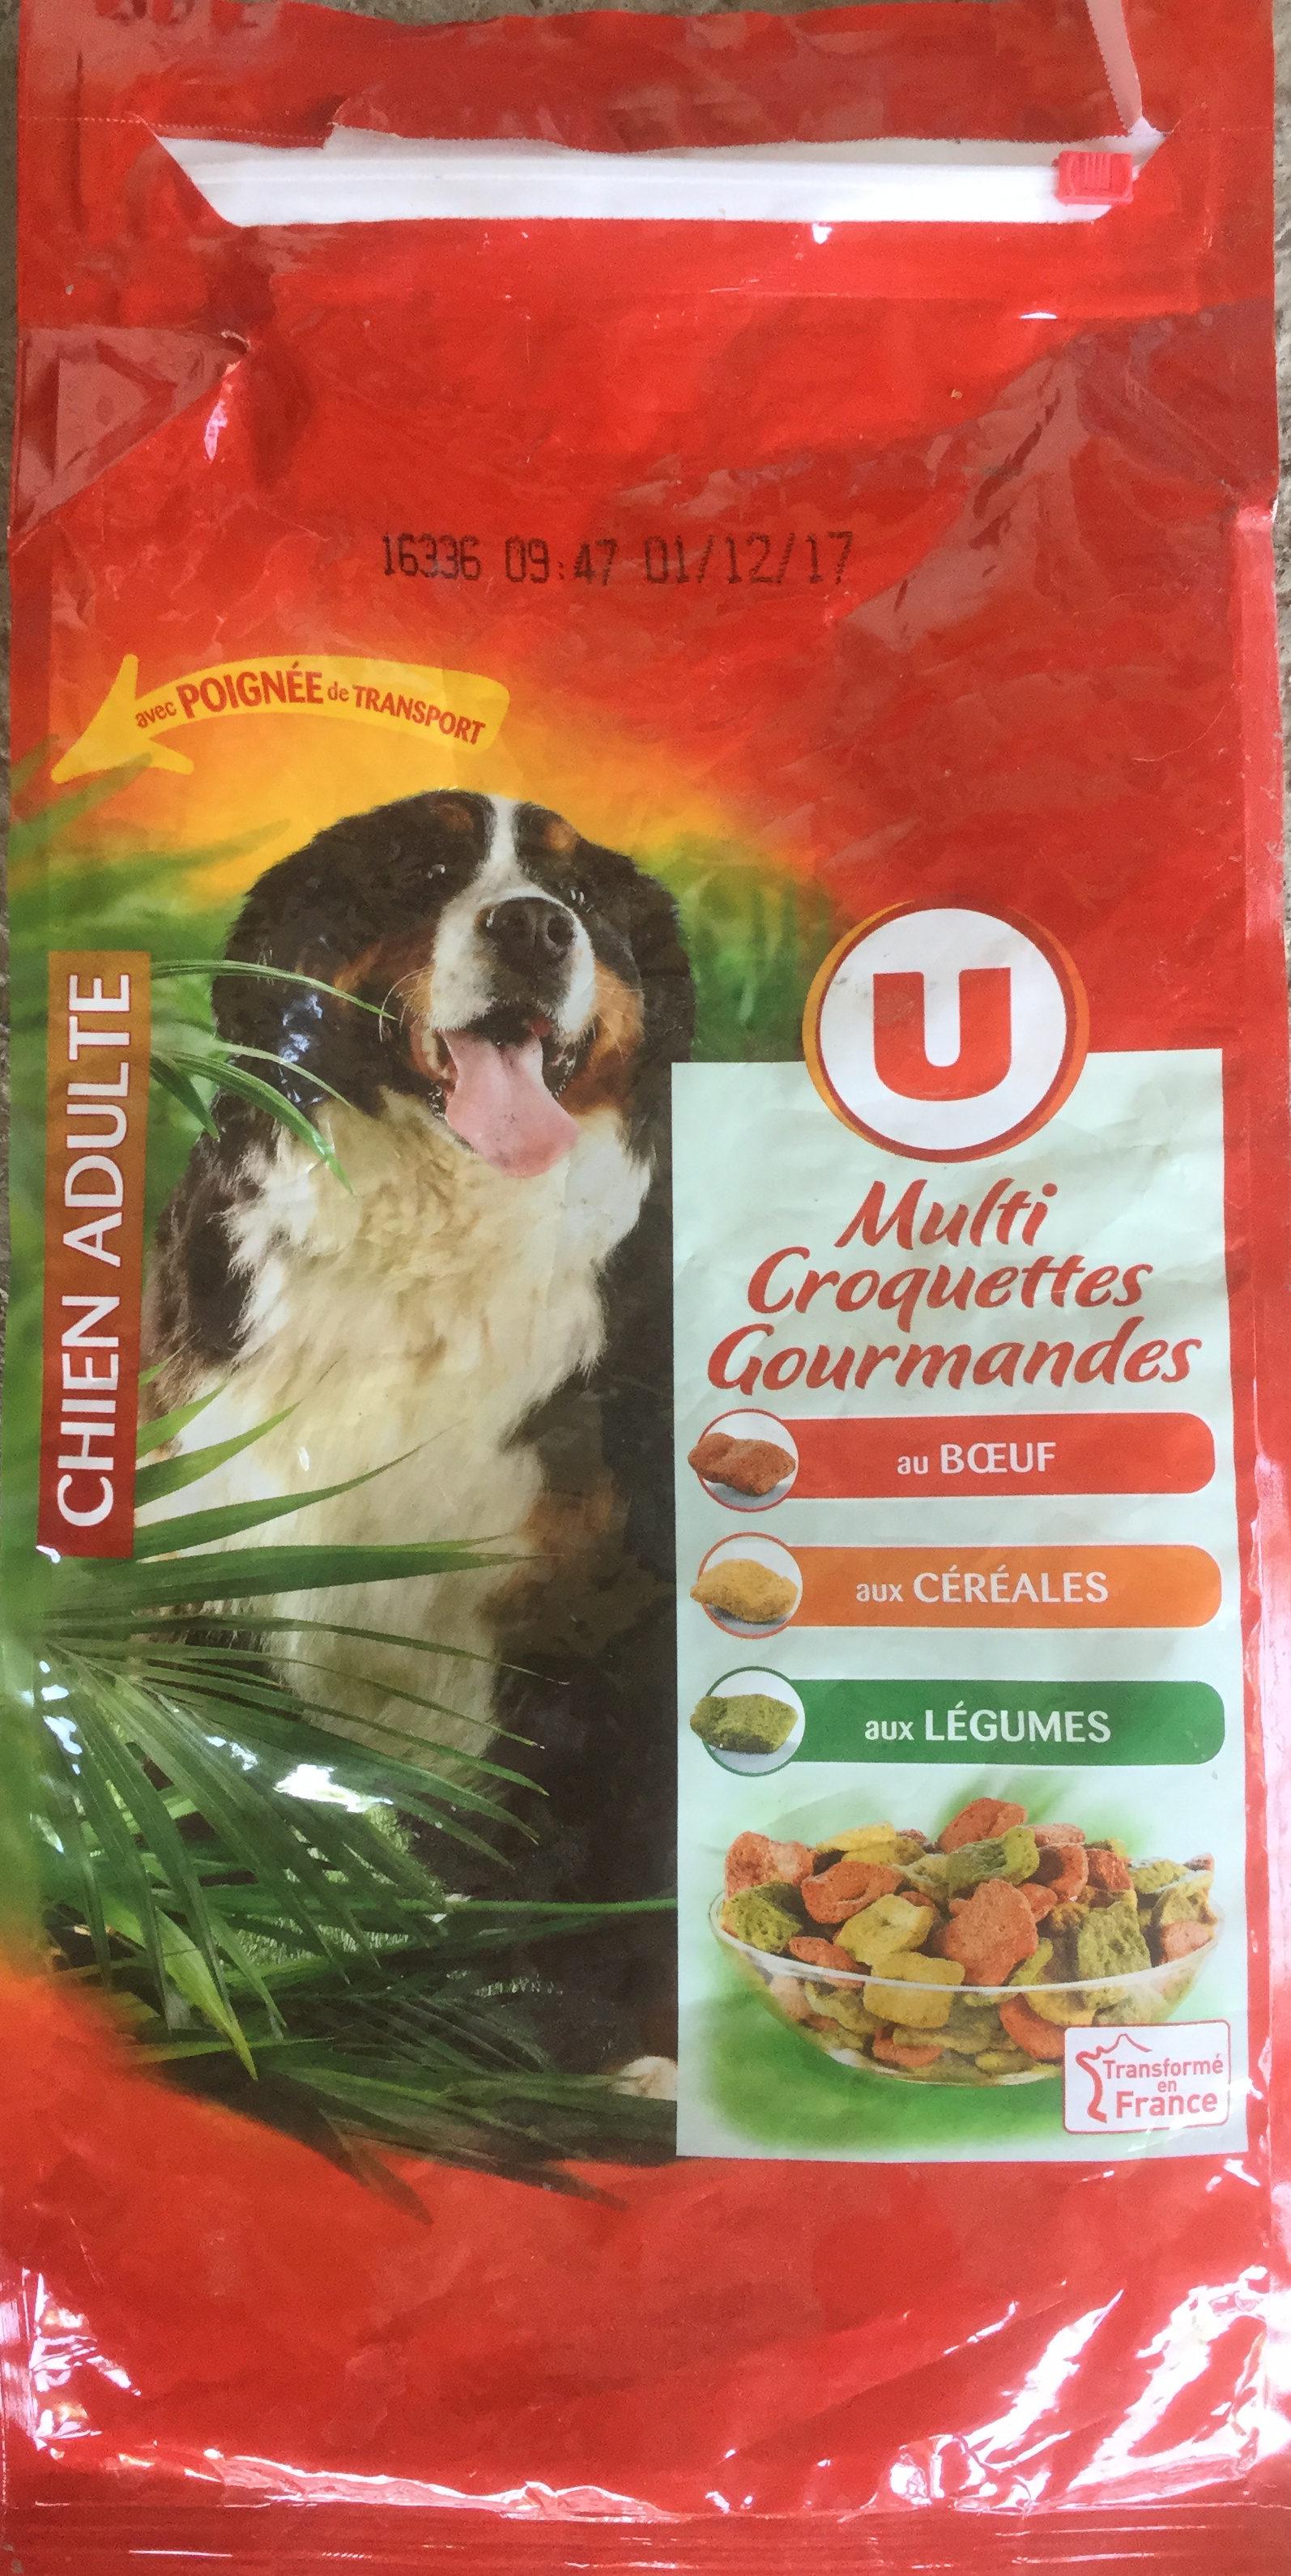 Multi croquettes gourmandes au bœuf, aux céréales, aux légumes - Product